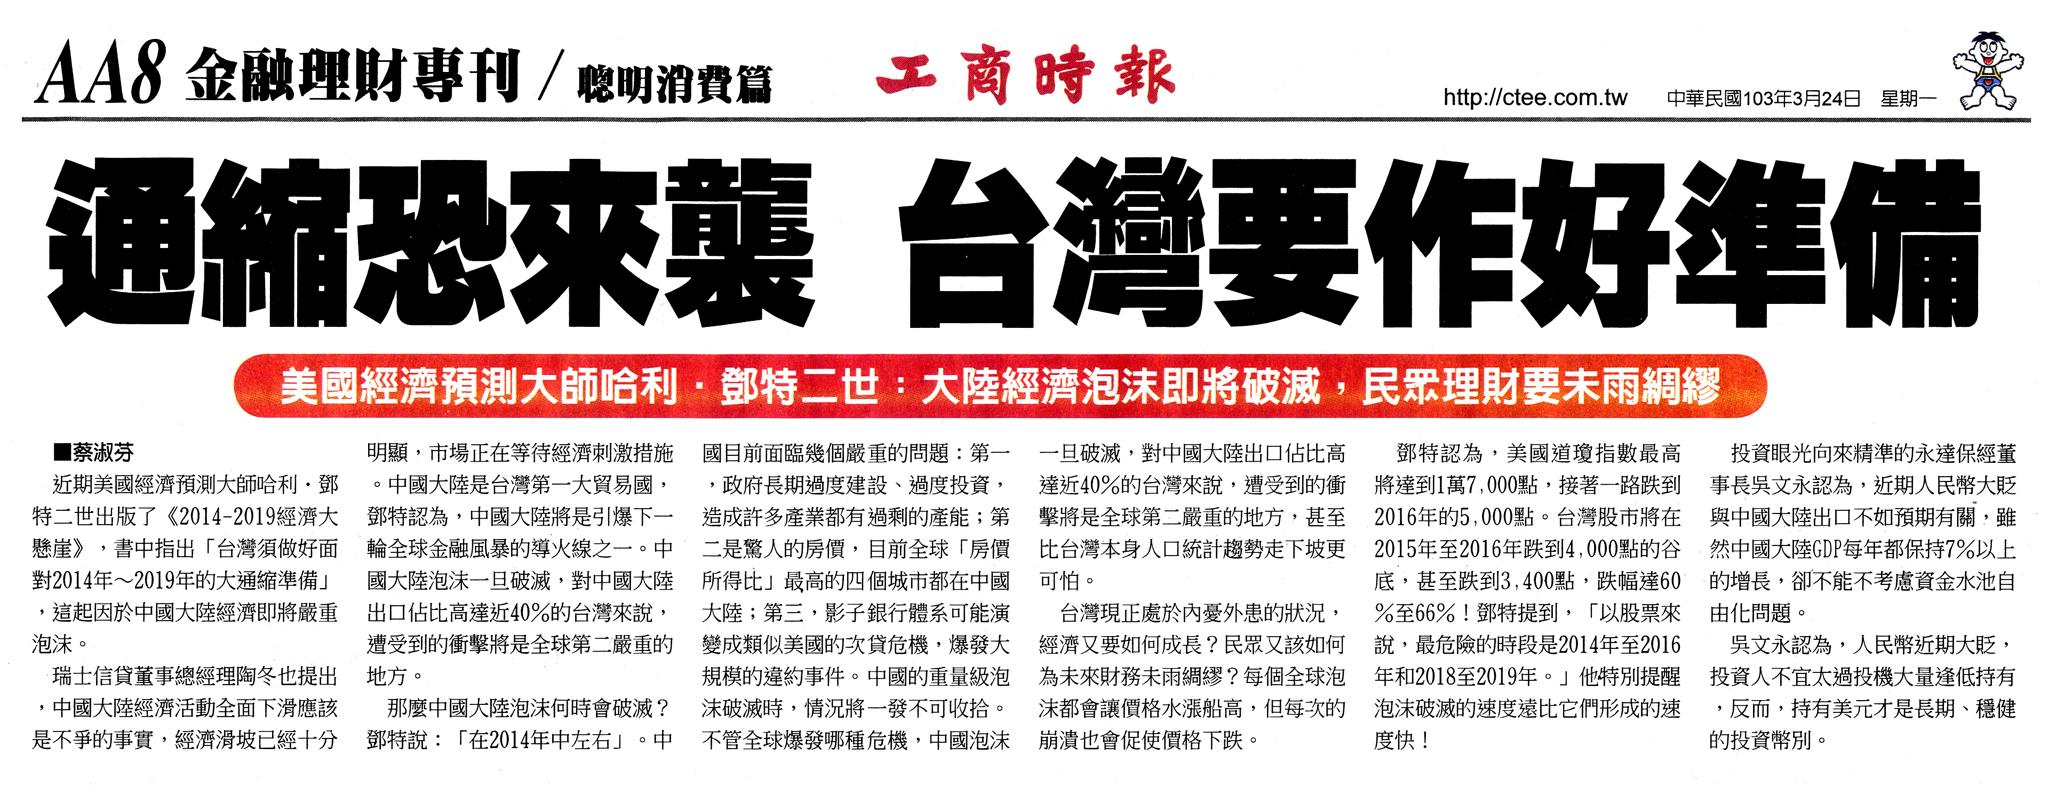 通縮恐來襲 台灣要作好準備報導圖檔